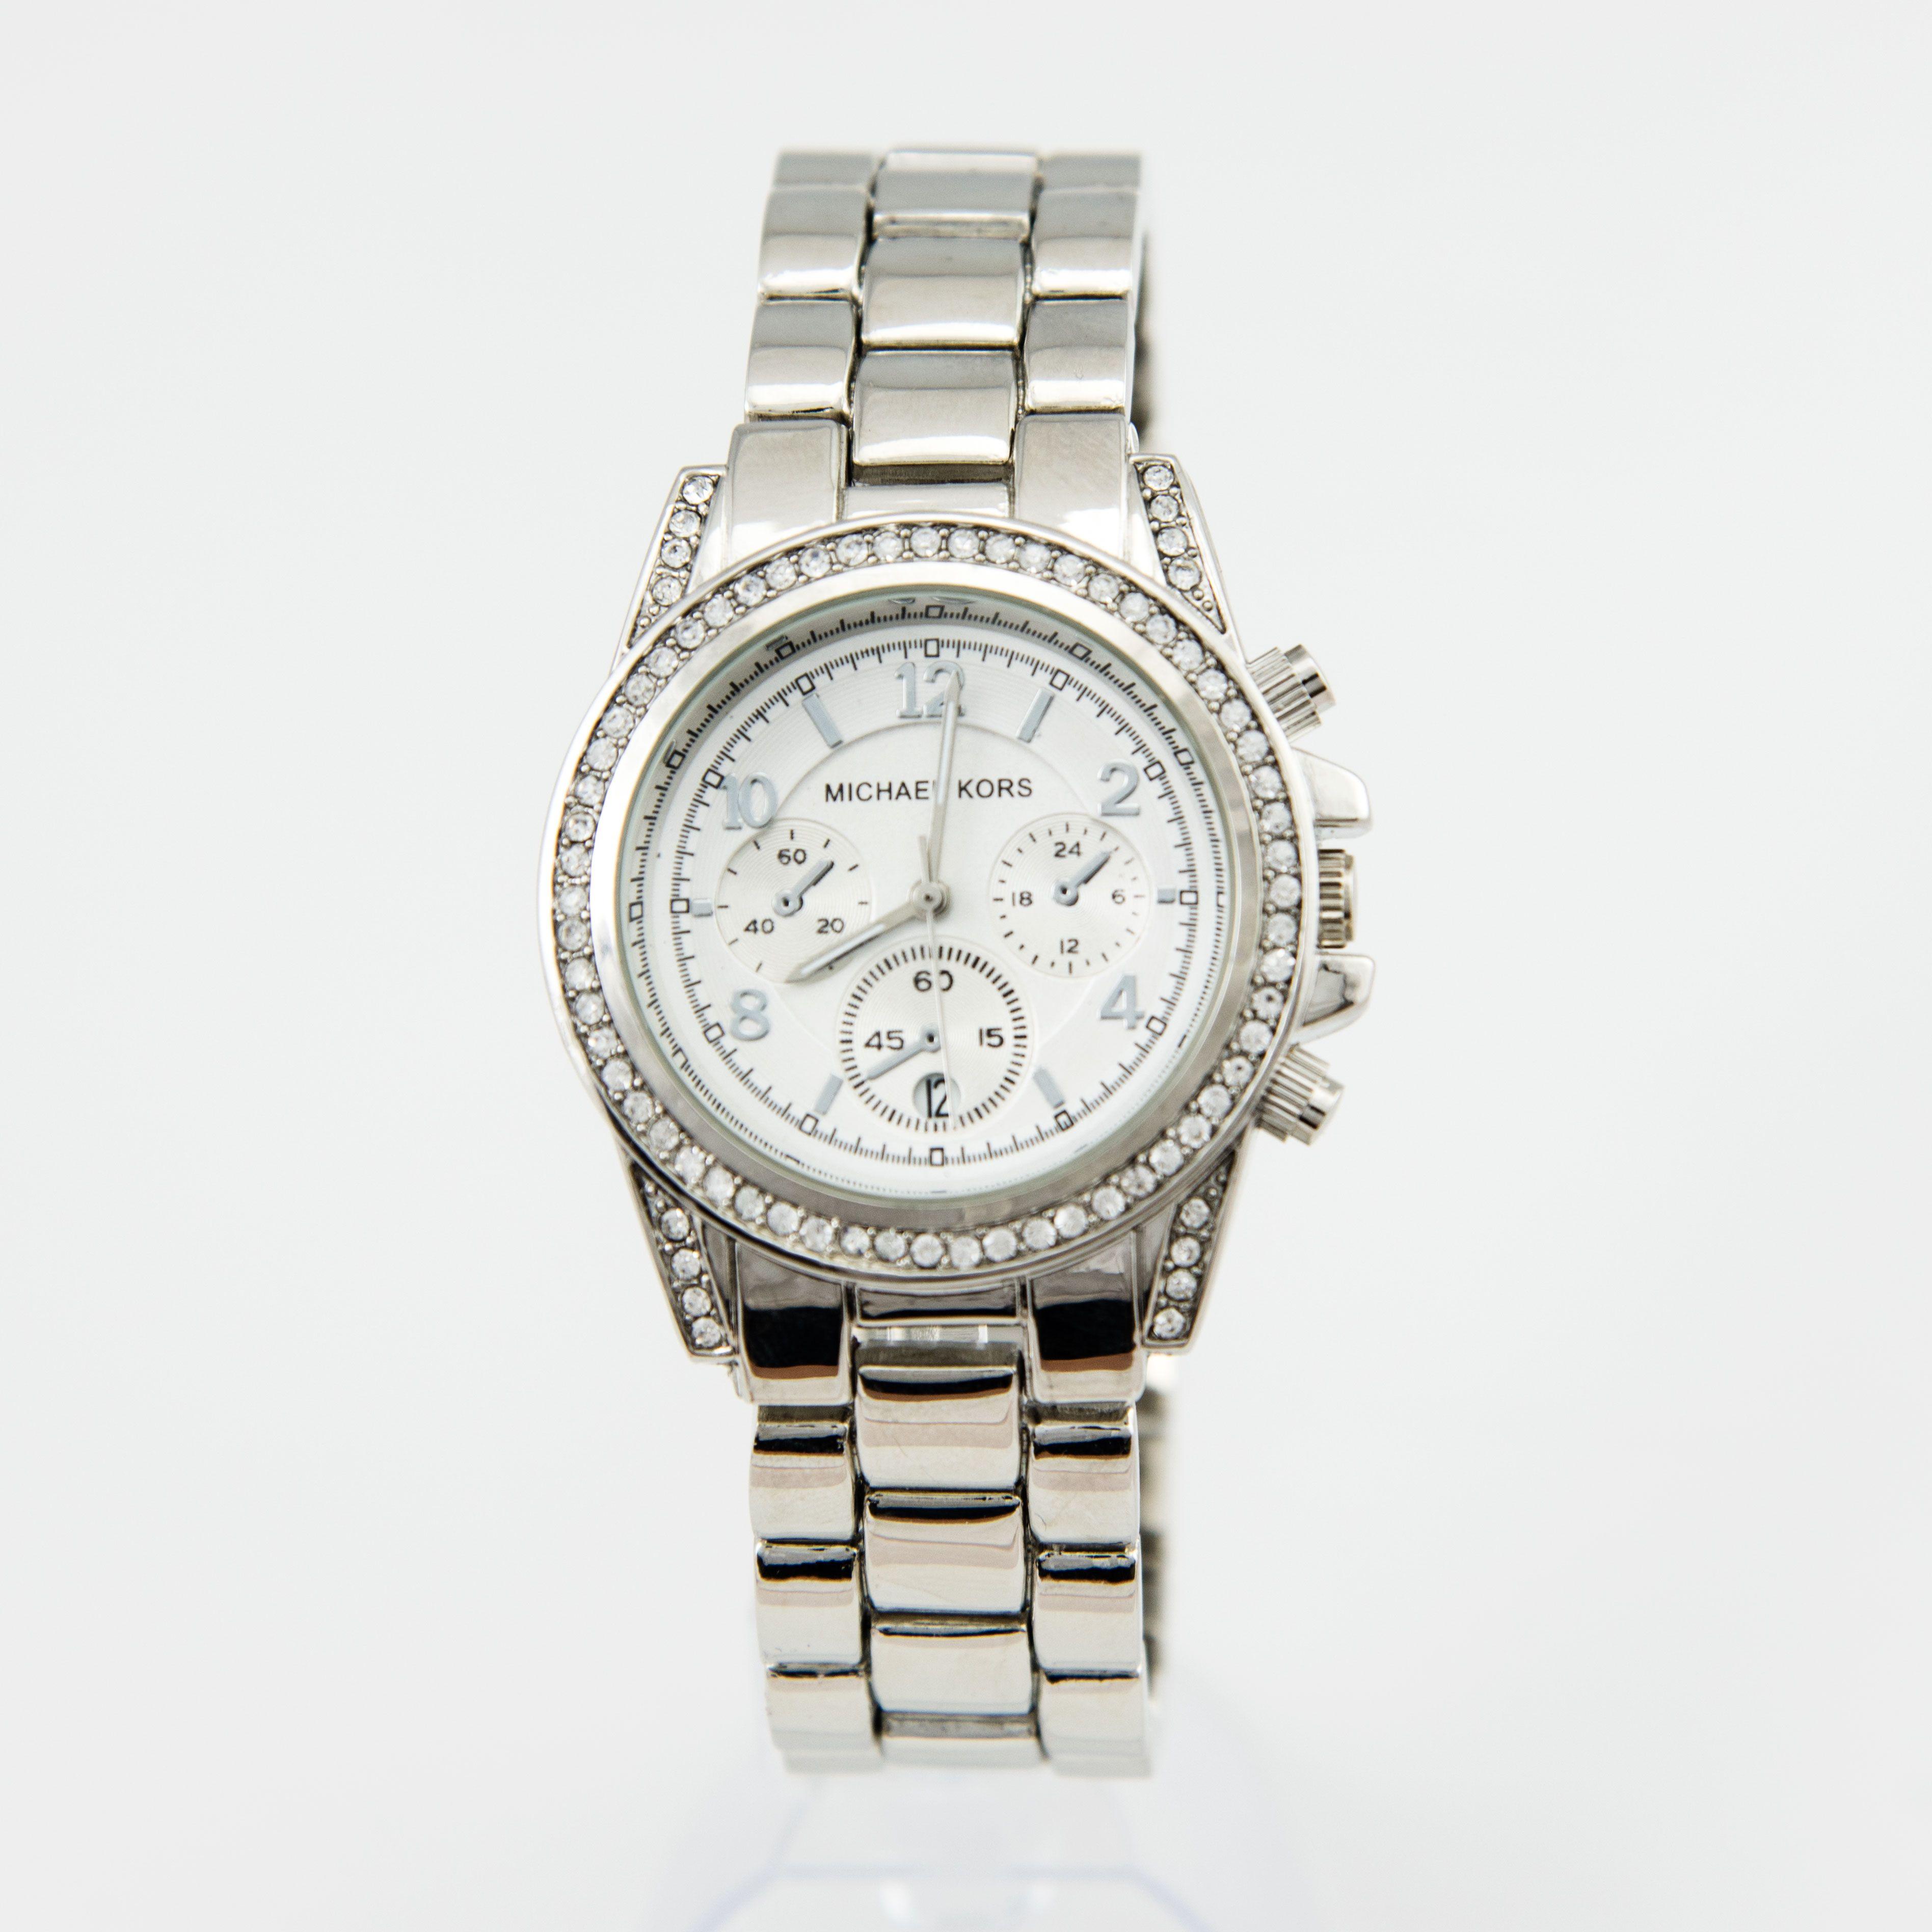 Часы женские Michael Kors   ИНТЕРЕСНЫЕ ТОВАРЫ 4429146dfc5